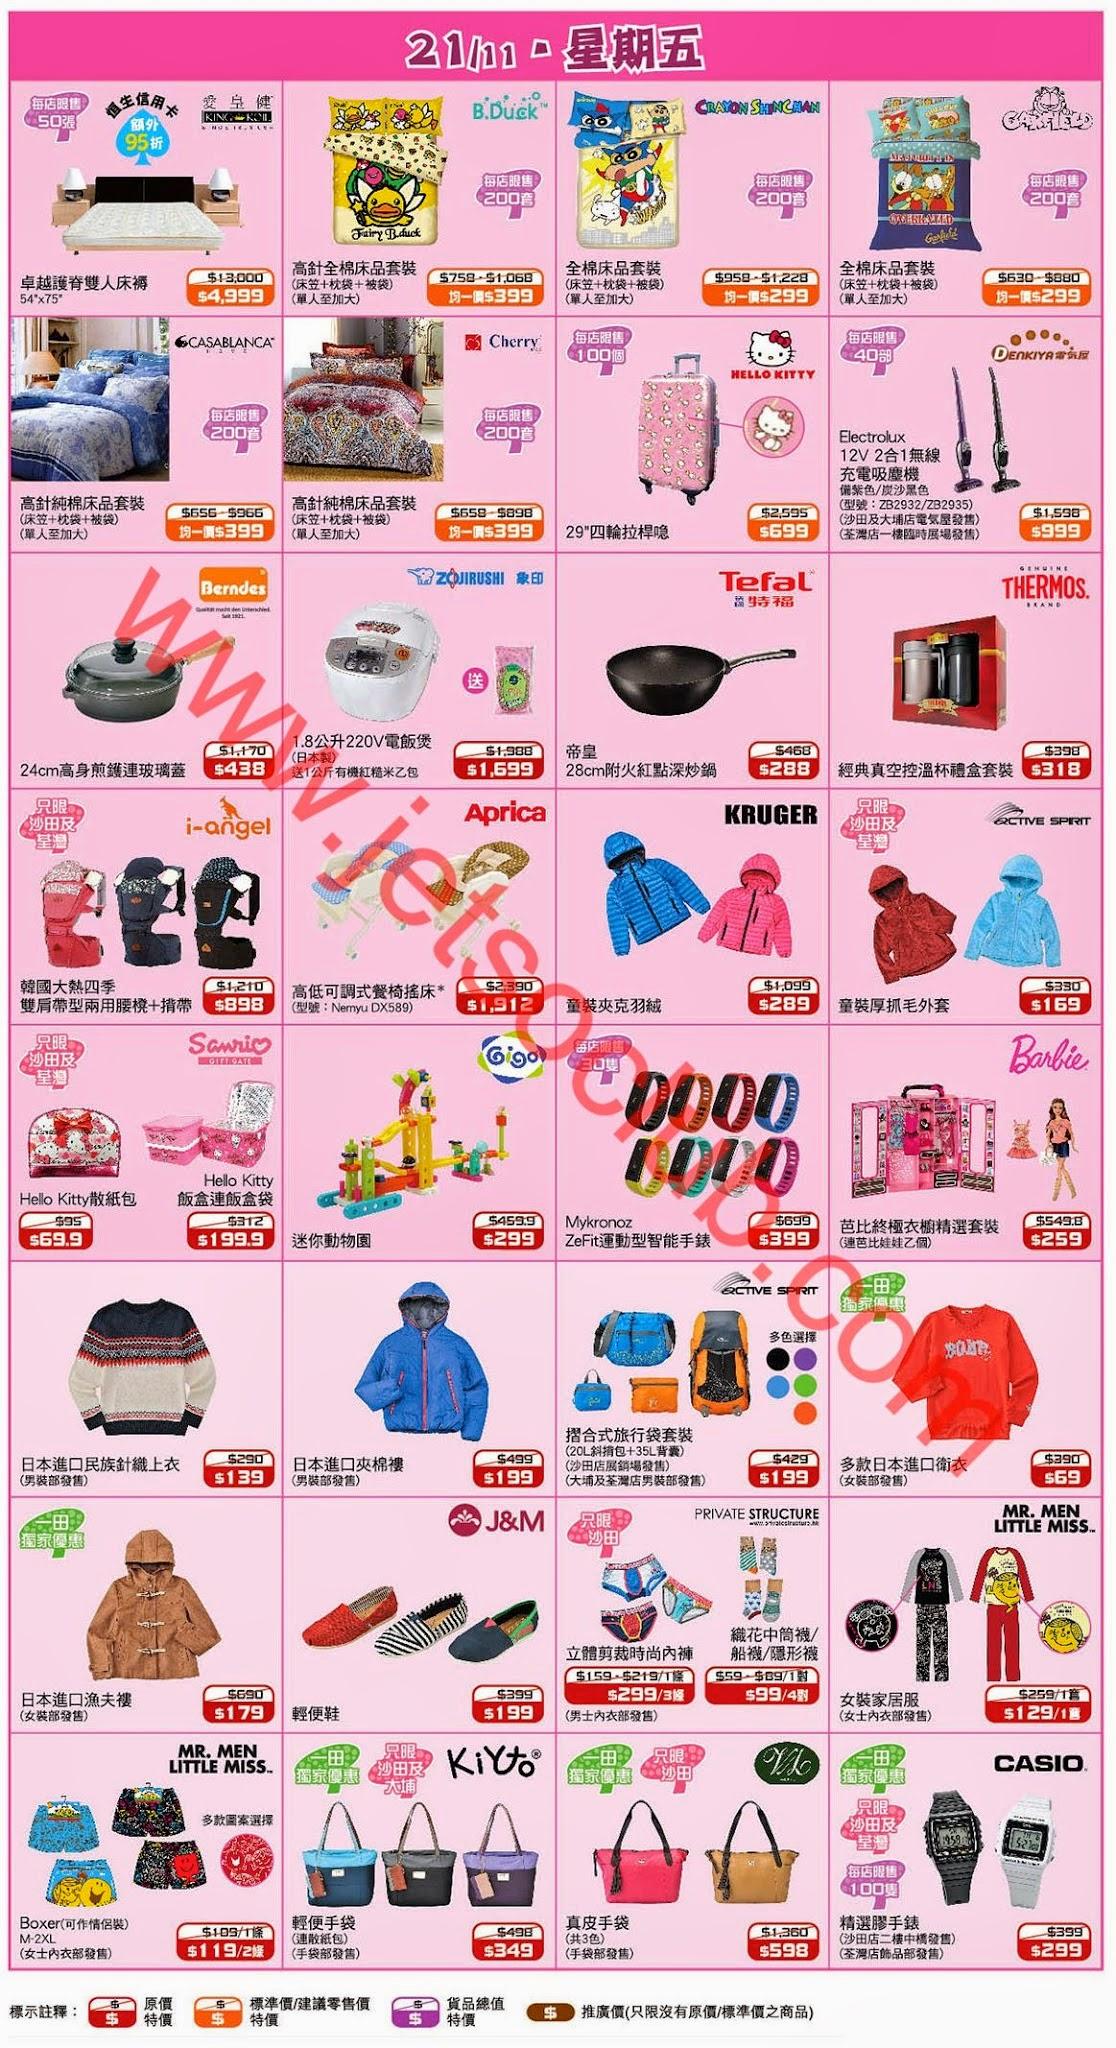 一田購物優惠日 低至3折(20-24/11) ( Jetso Club 著數俱樂部 )